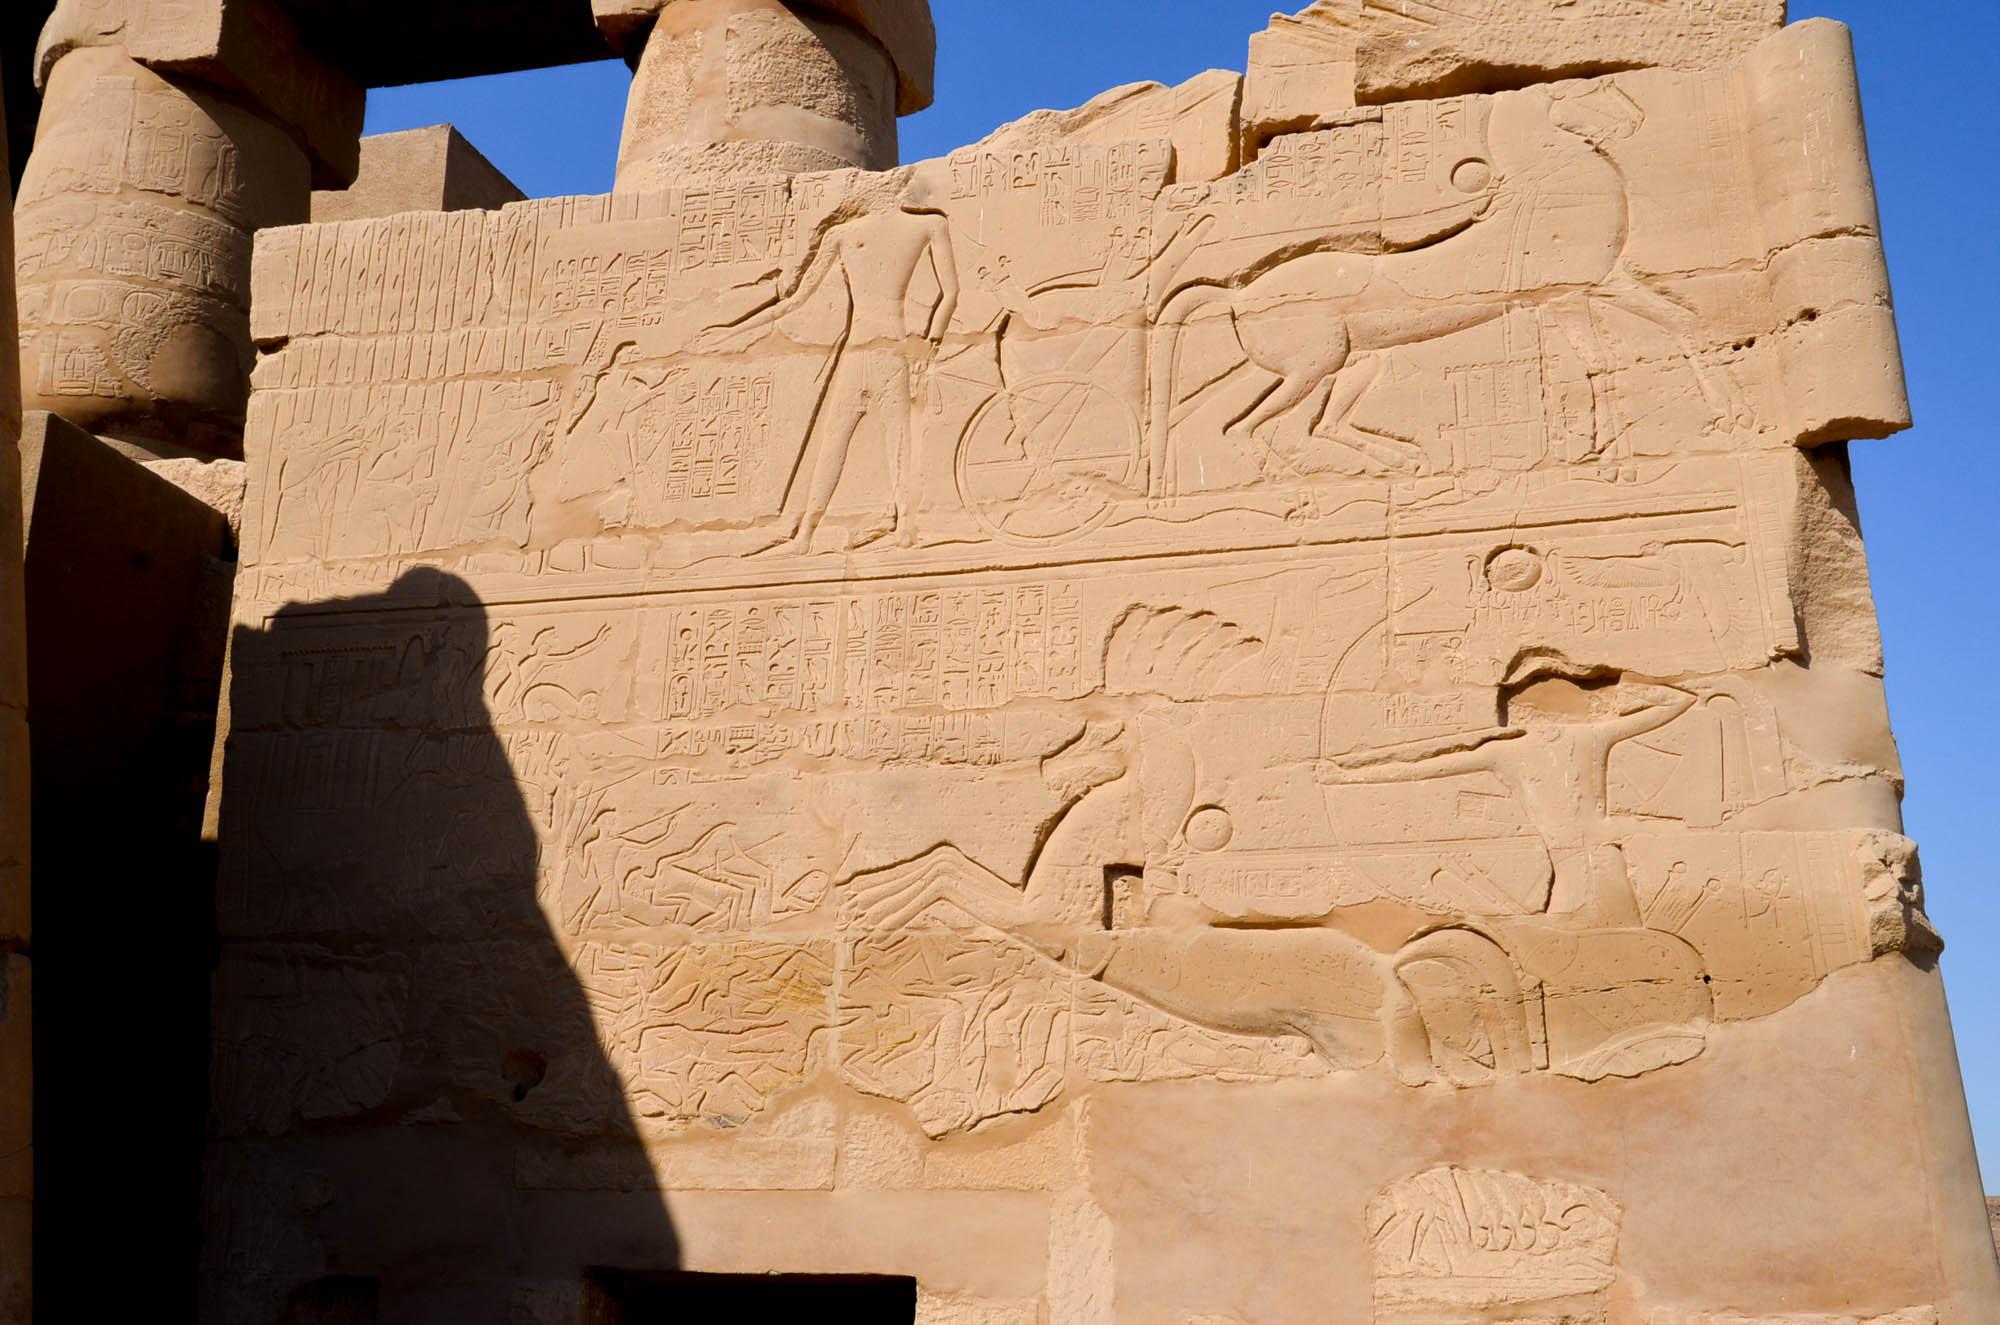 Die Geschichte der Schlacht von Kadesch, die zwischen den Ägyptern und den Hethitern in einer Patt-Situation endete, ließ Ramses II. auf einer Mauer des Karnak-Tempels als großen Sieg darstellen. Foto: Matthieu Götz